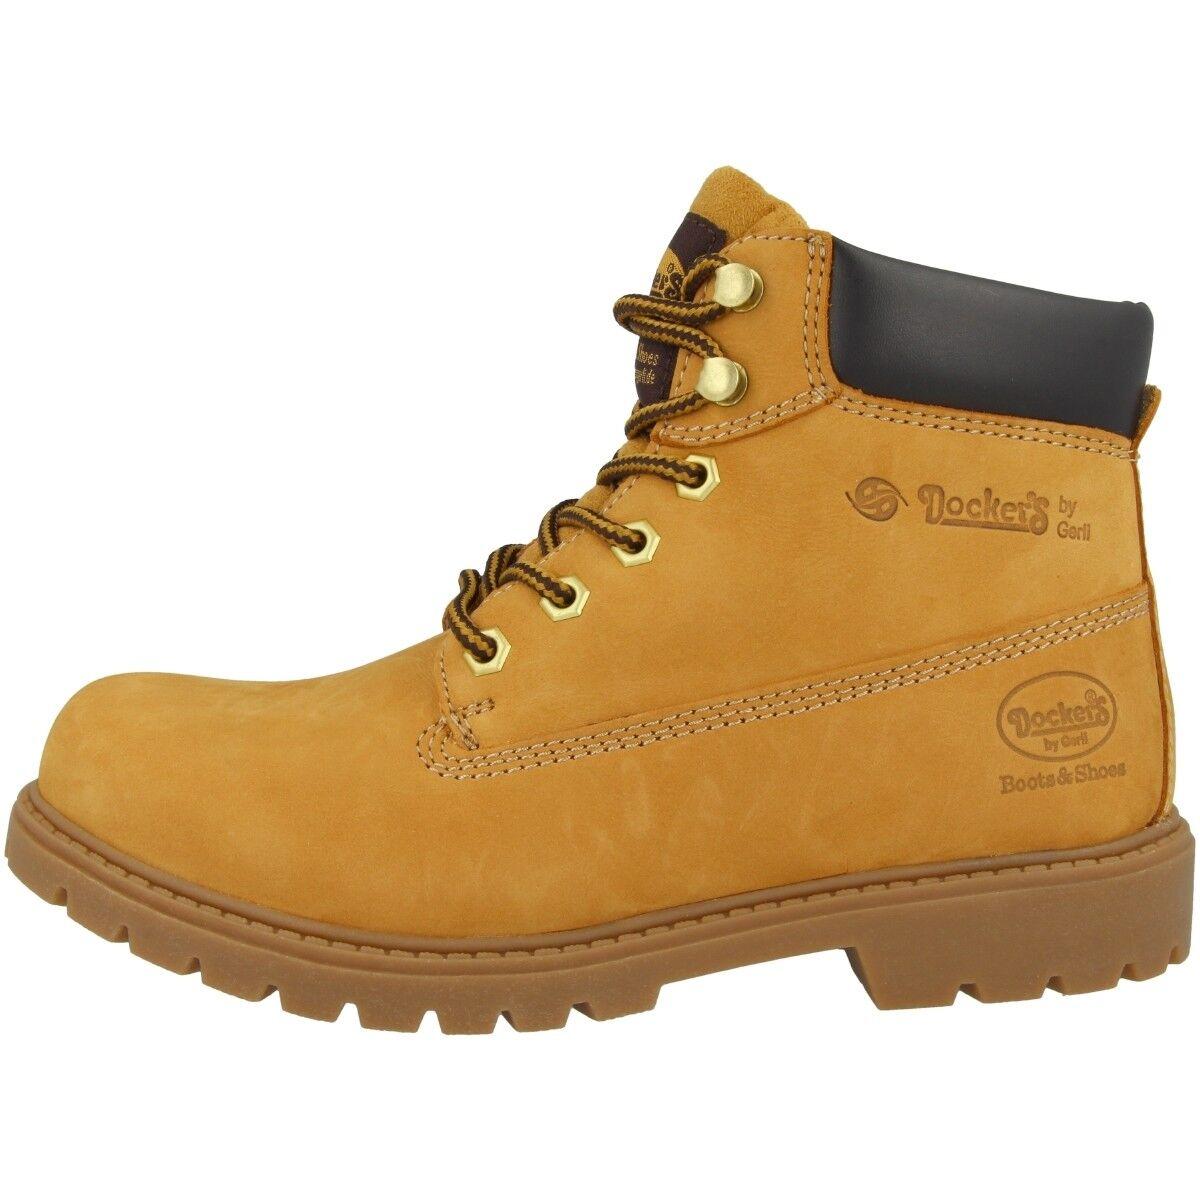 Dockers by Gerli 19PA240 Schuhe 19PA240-300910 Damen Boots Stiefel Stiefeletten 19PA240-300910 Schuhe 928480